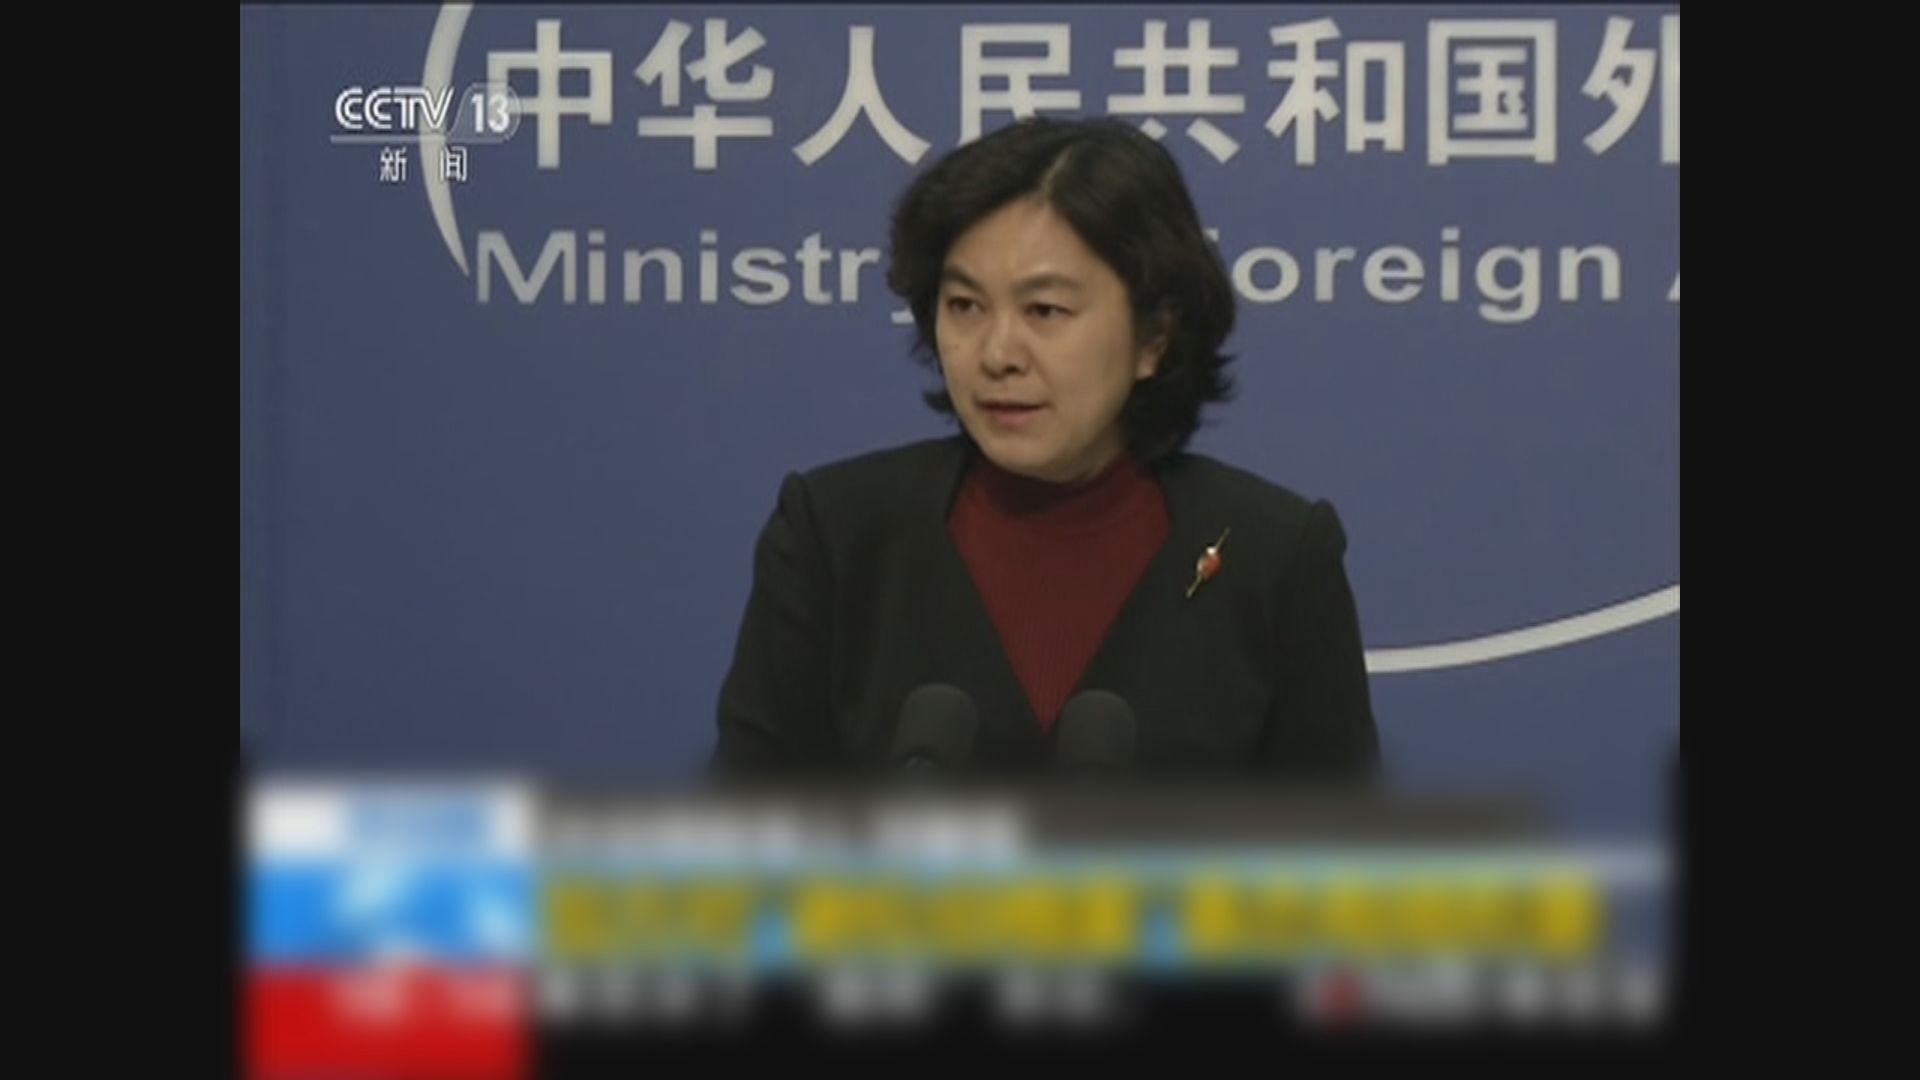 中國和加拿大為謝倫伯格案掀外交爭端